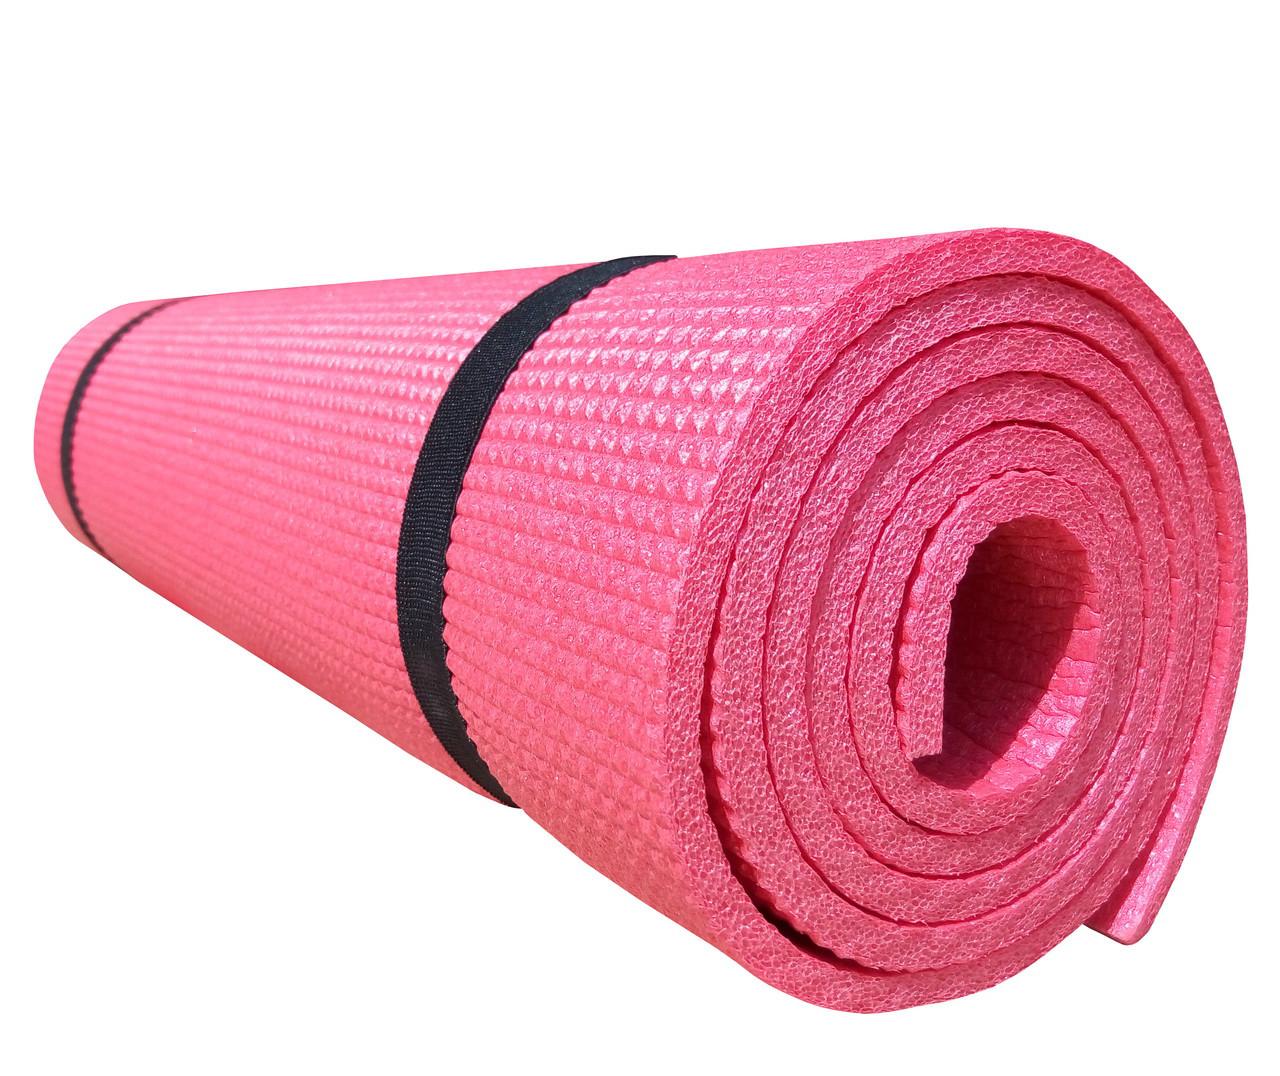 Коврик для аэробики, танцев, фитнеса, йоги «Light-6» 1800x600x6 мм